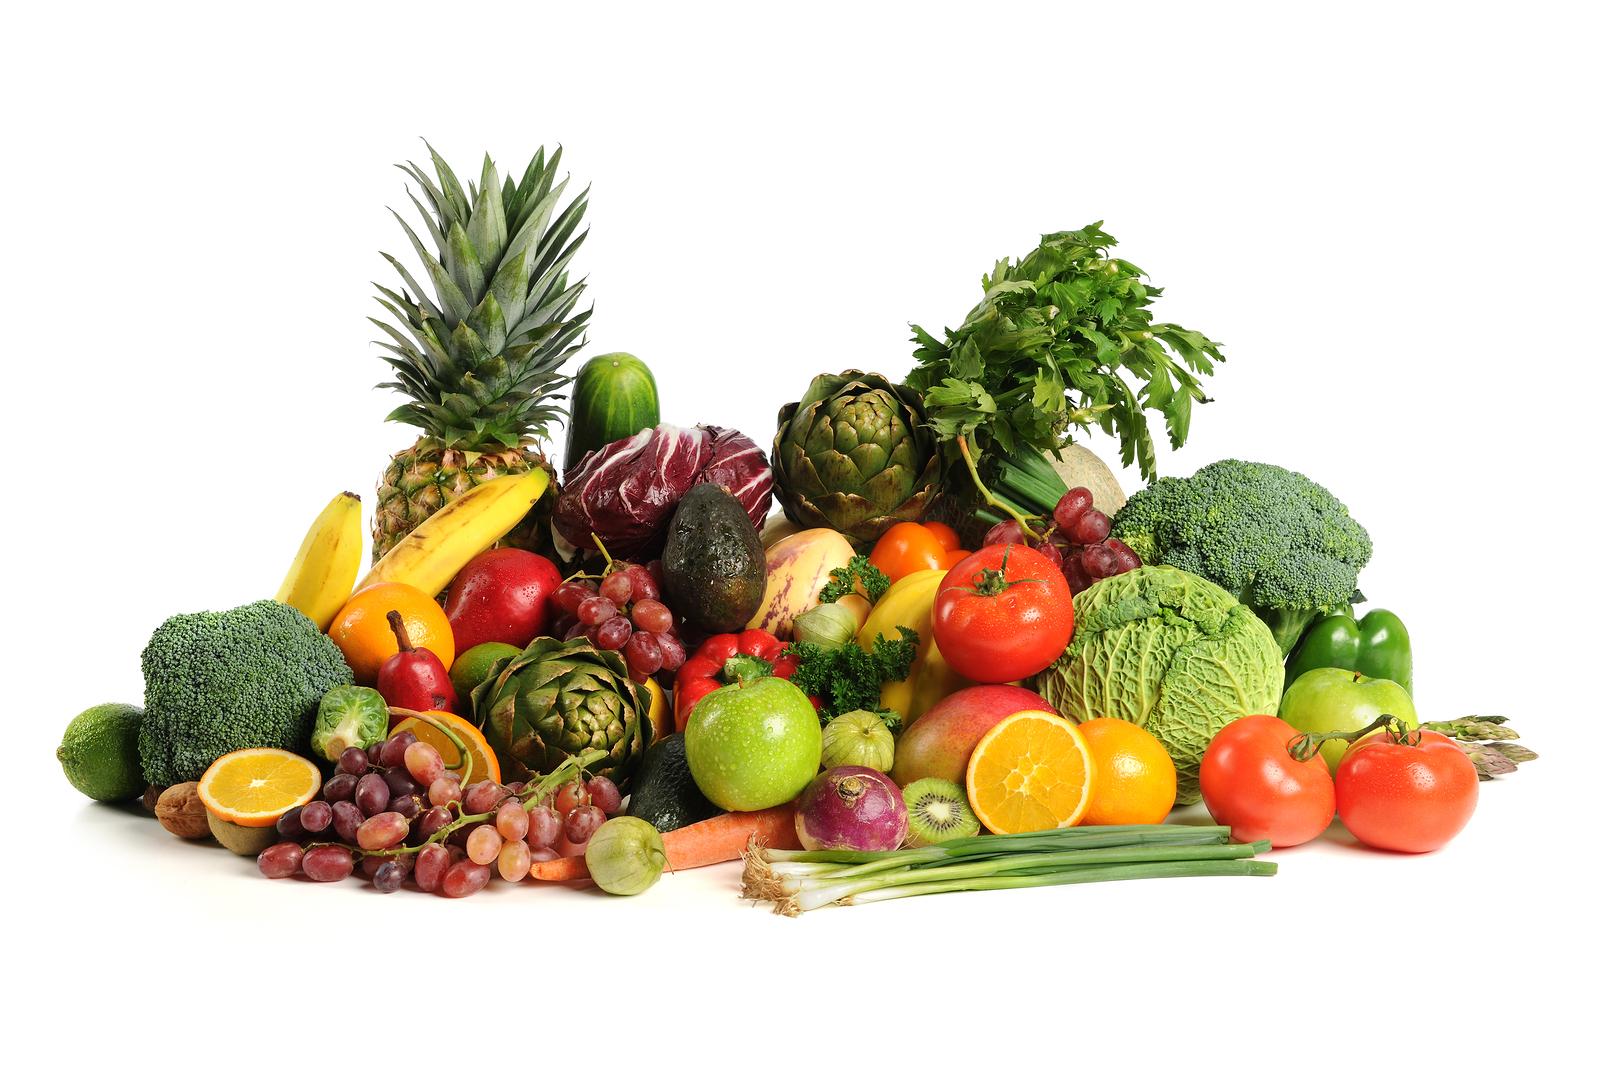 IV. Diet & Nutrition